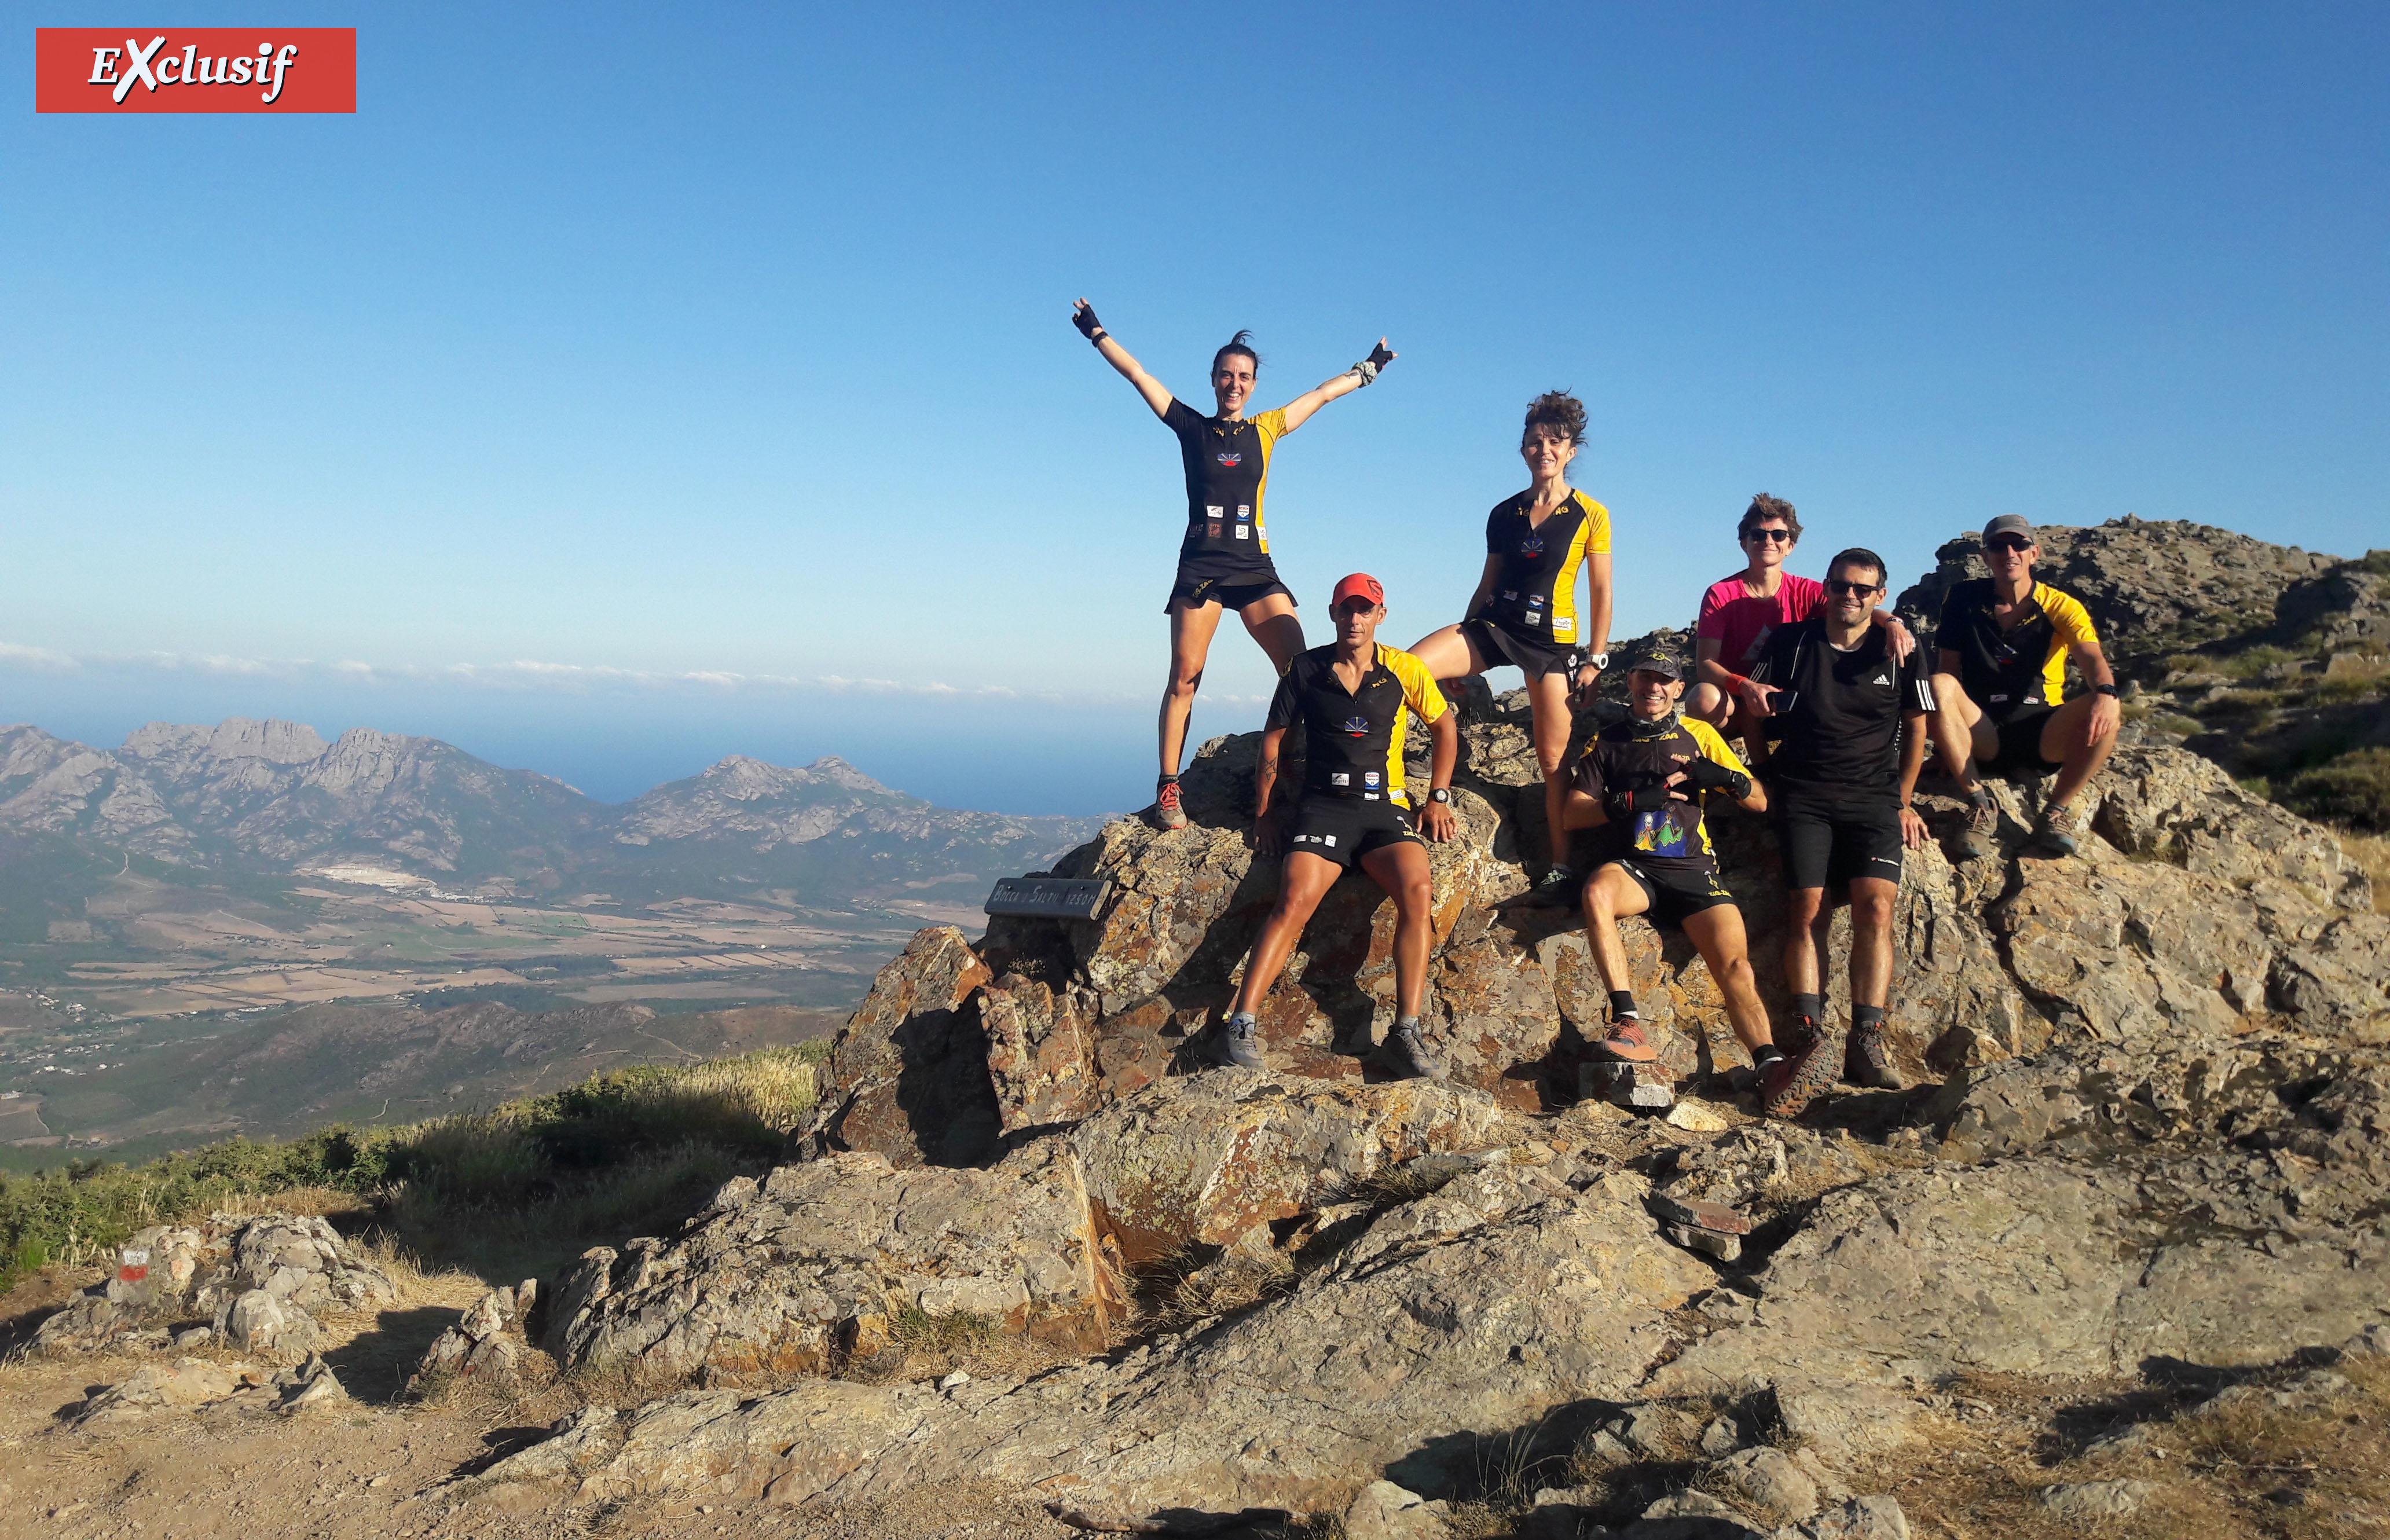 Le groupe de dalons de sentiers au complet, au passage de leur 1er col: Bocca à u Saltu. De gauche à droite: Zagathe, René-Fred, Faby, Yann, Marie, Fabrice et Djé